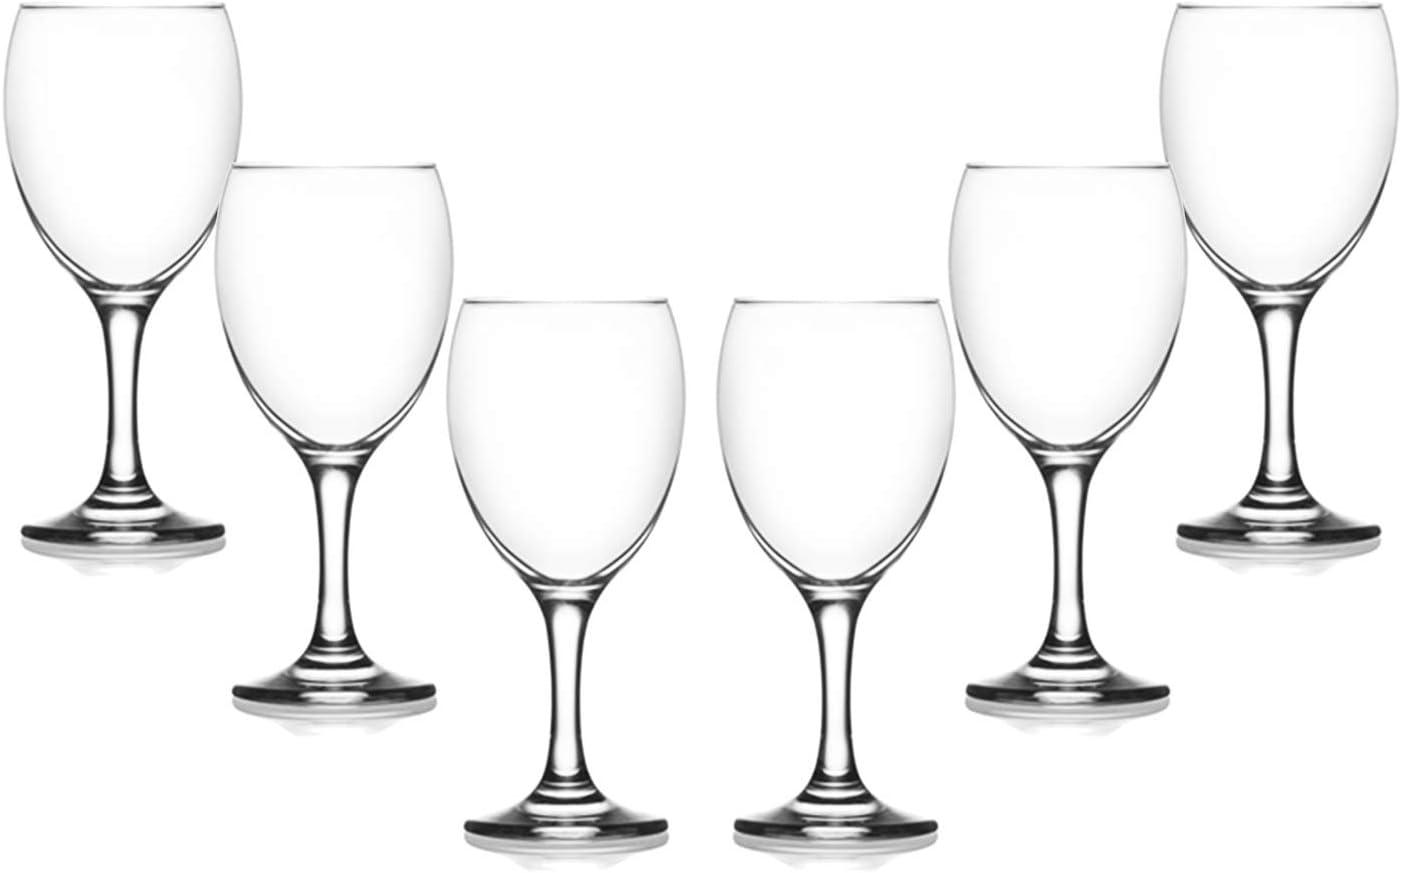 Empire Stemmed Wine Glasses 11.5 Oz, Modern Crystal Clear Goblets Set of (6)